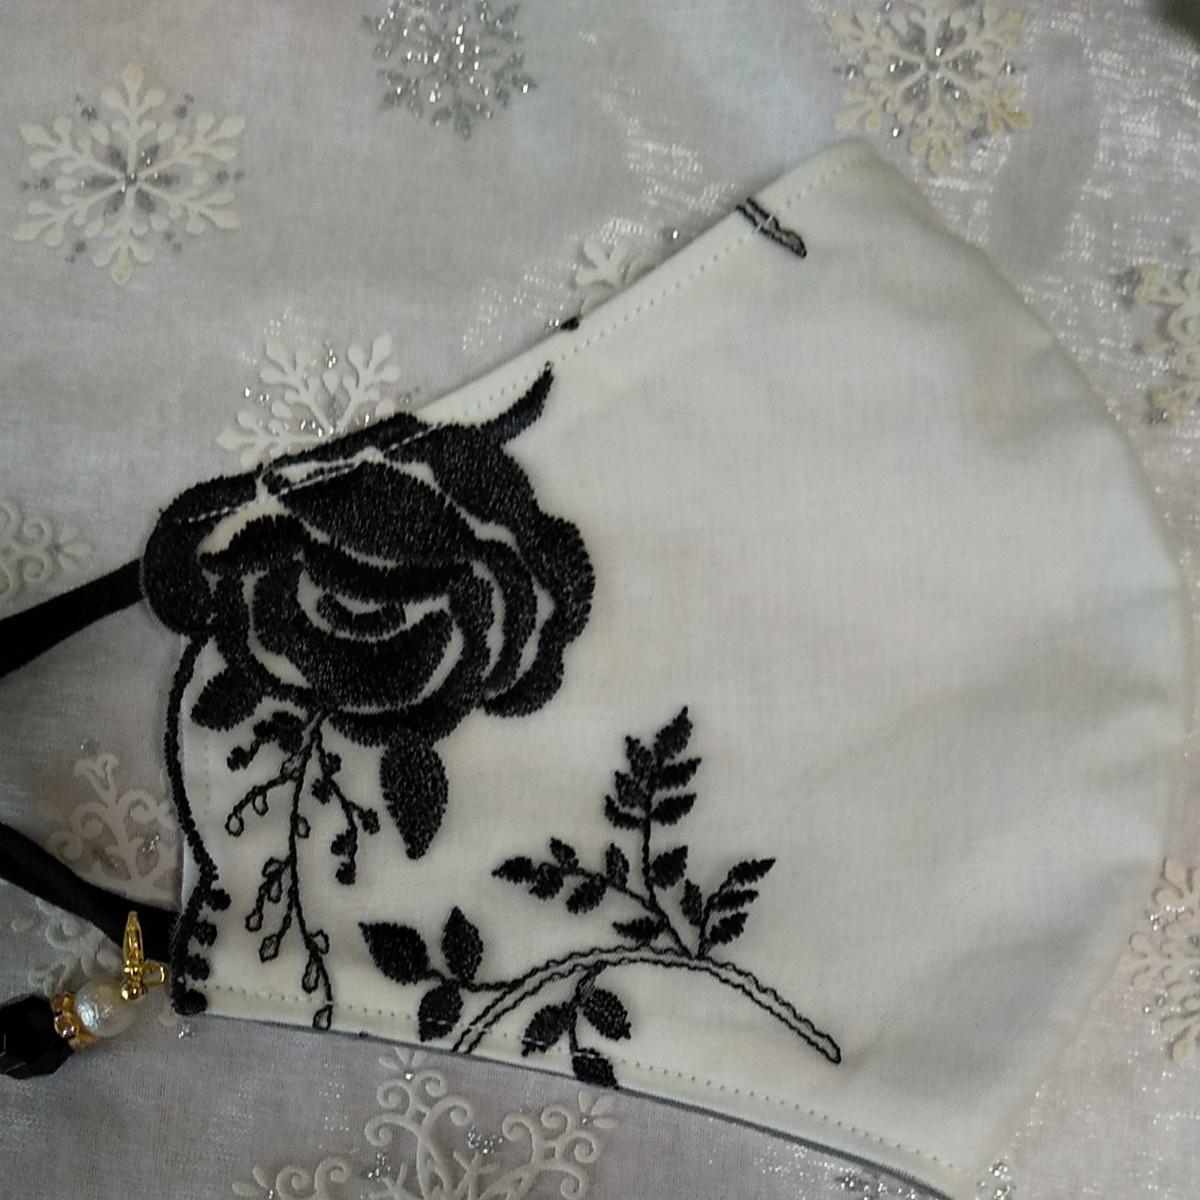 立体インナーハンドメイド、綿ガーゼ、チュール刺繍レース(ホワイト×薄ベージュ×ブラック)(大きめサイズ)アジャスター付、チャーム付